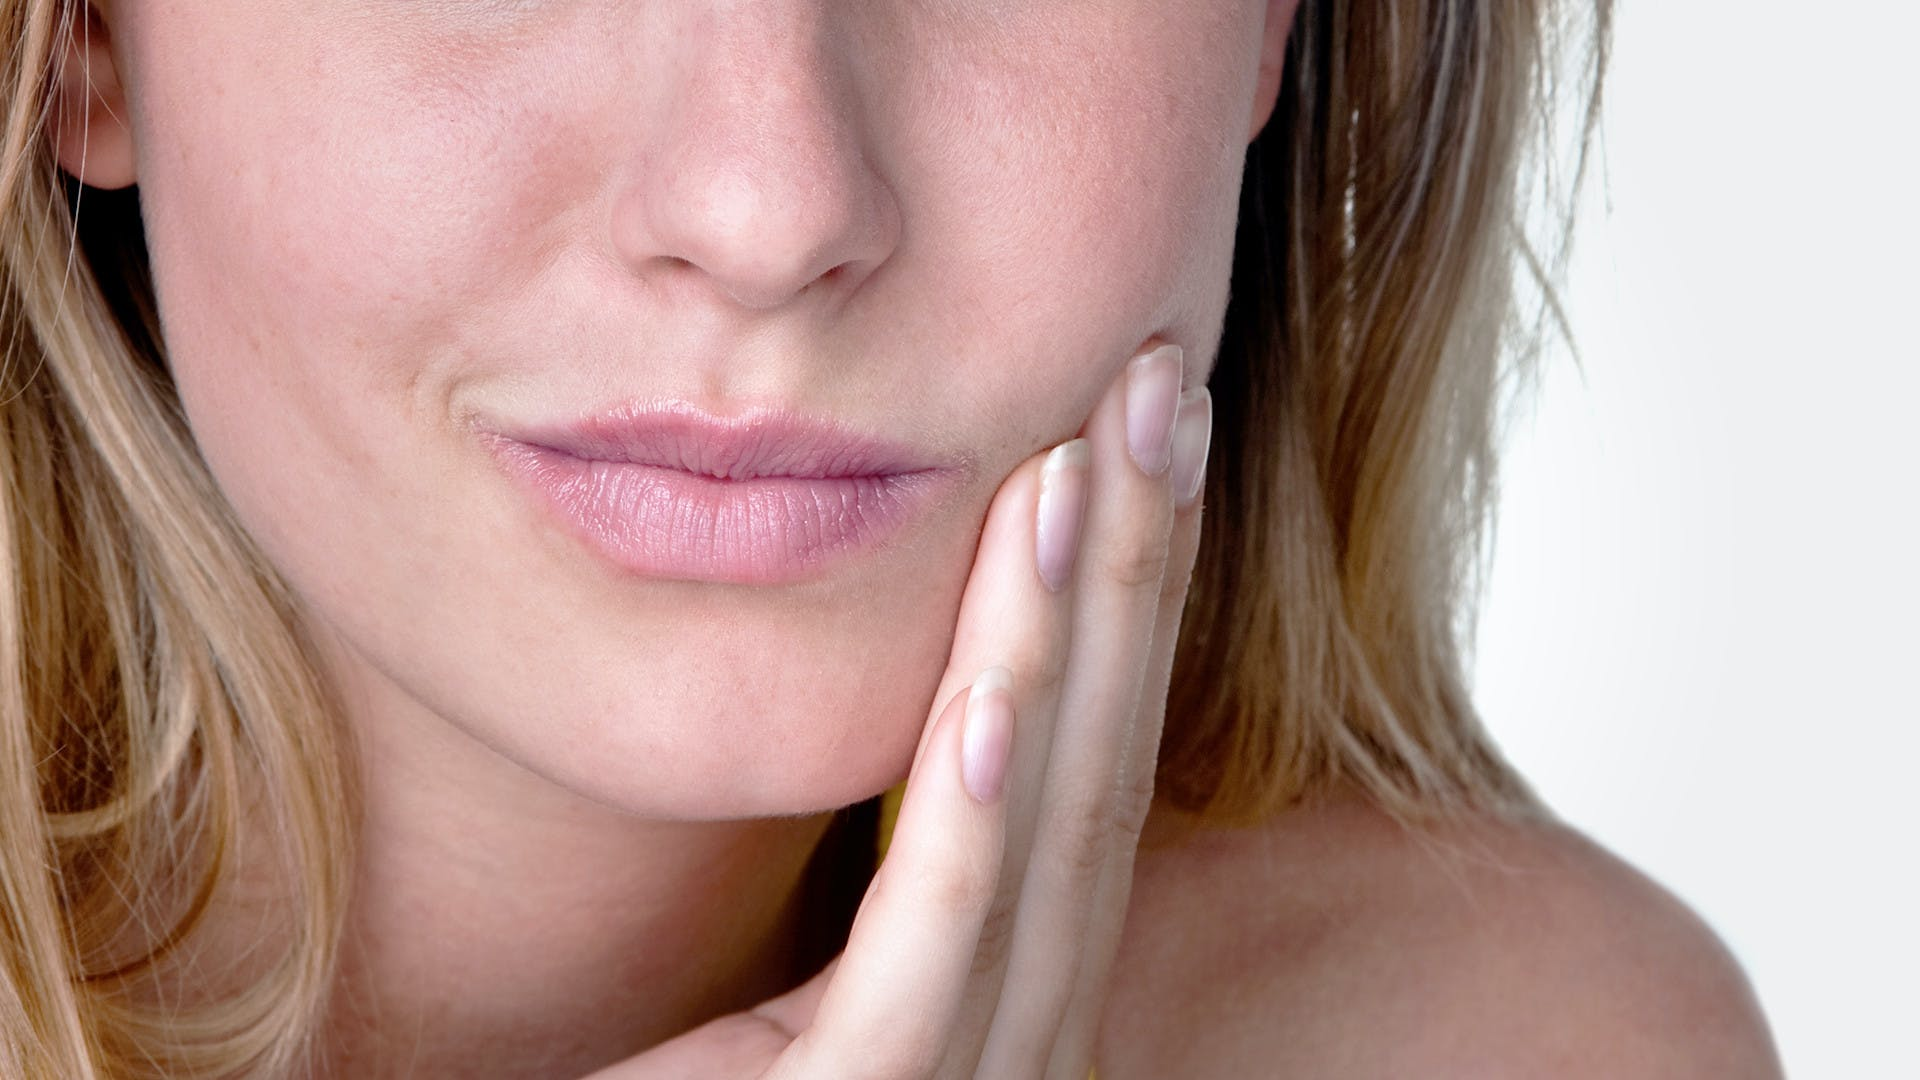 Frau mit Mundgeschwür, die linke Backe mit leidendem Ausdruck berührend.